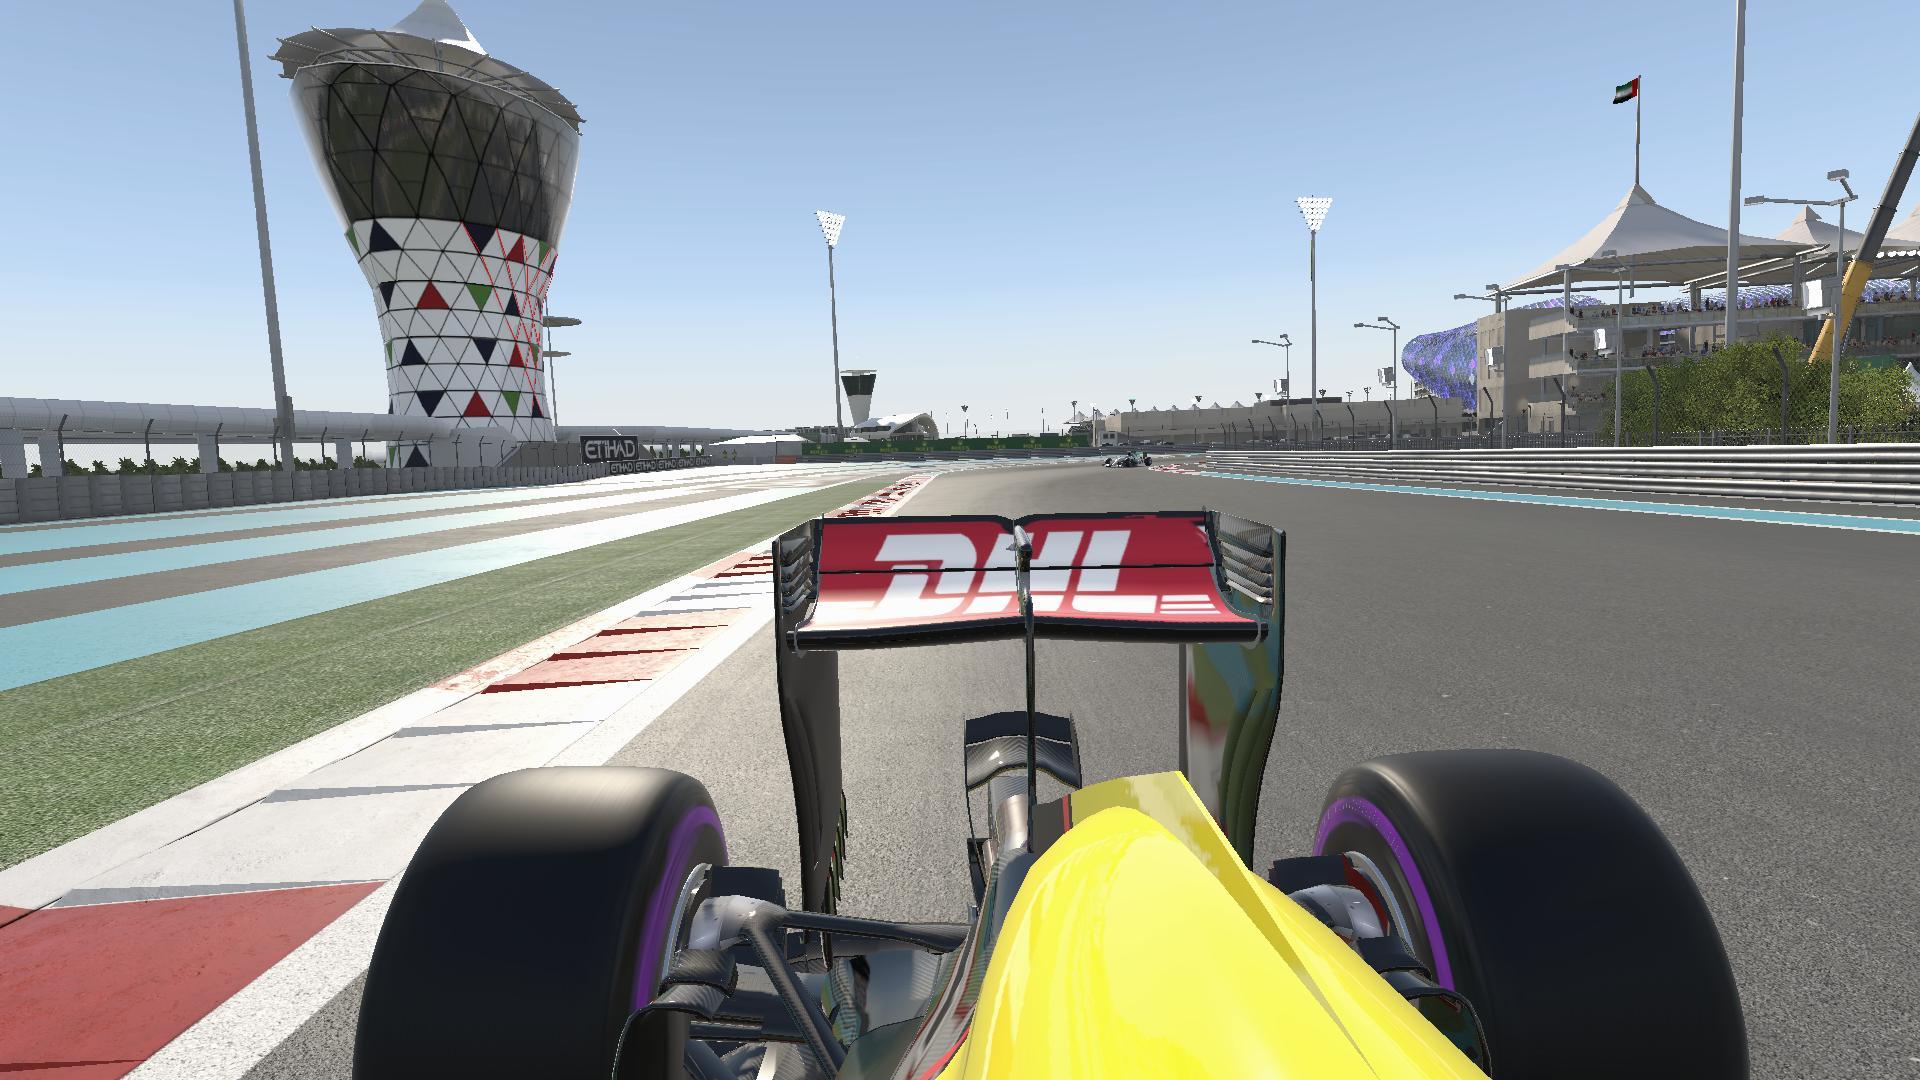 F1_2016 2016-10-05 12-15-00-37.jpg